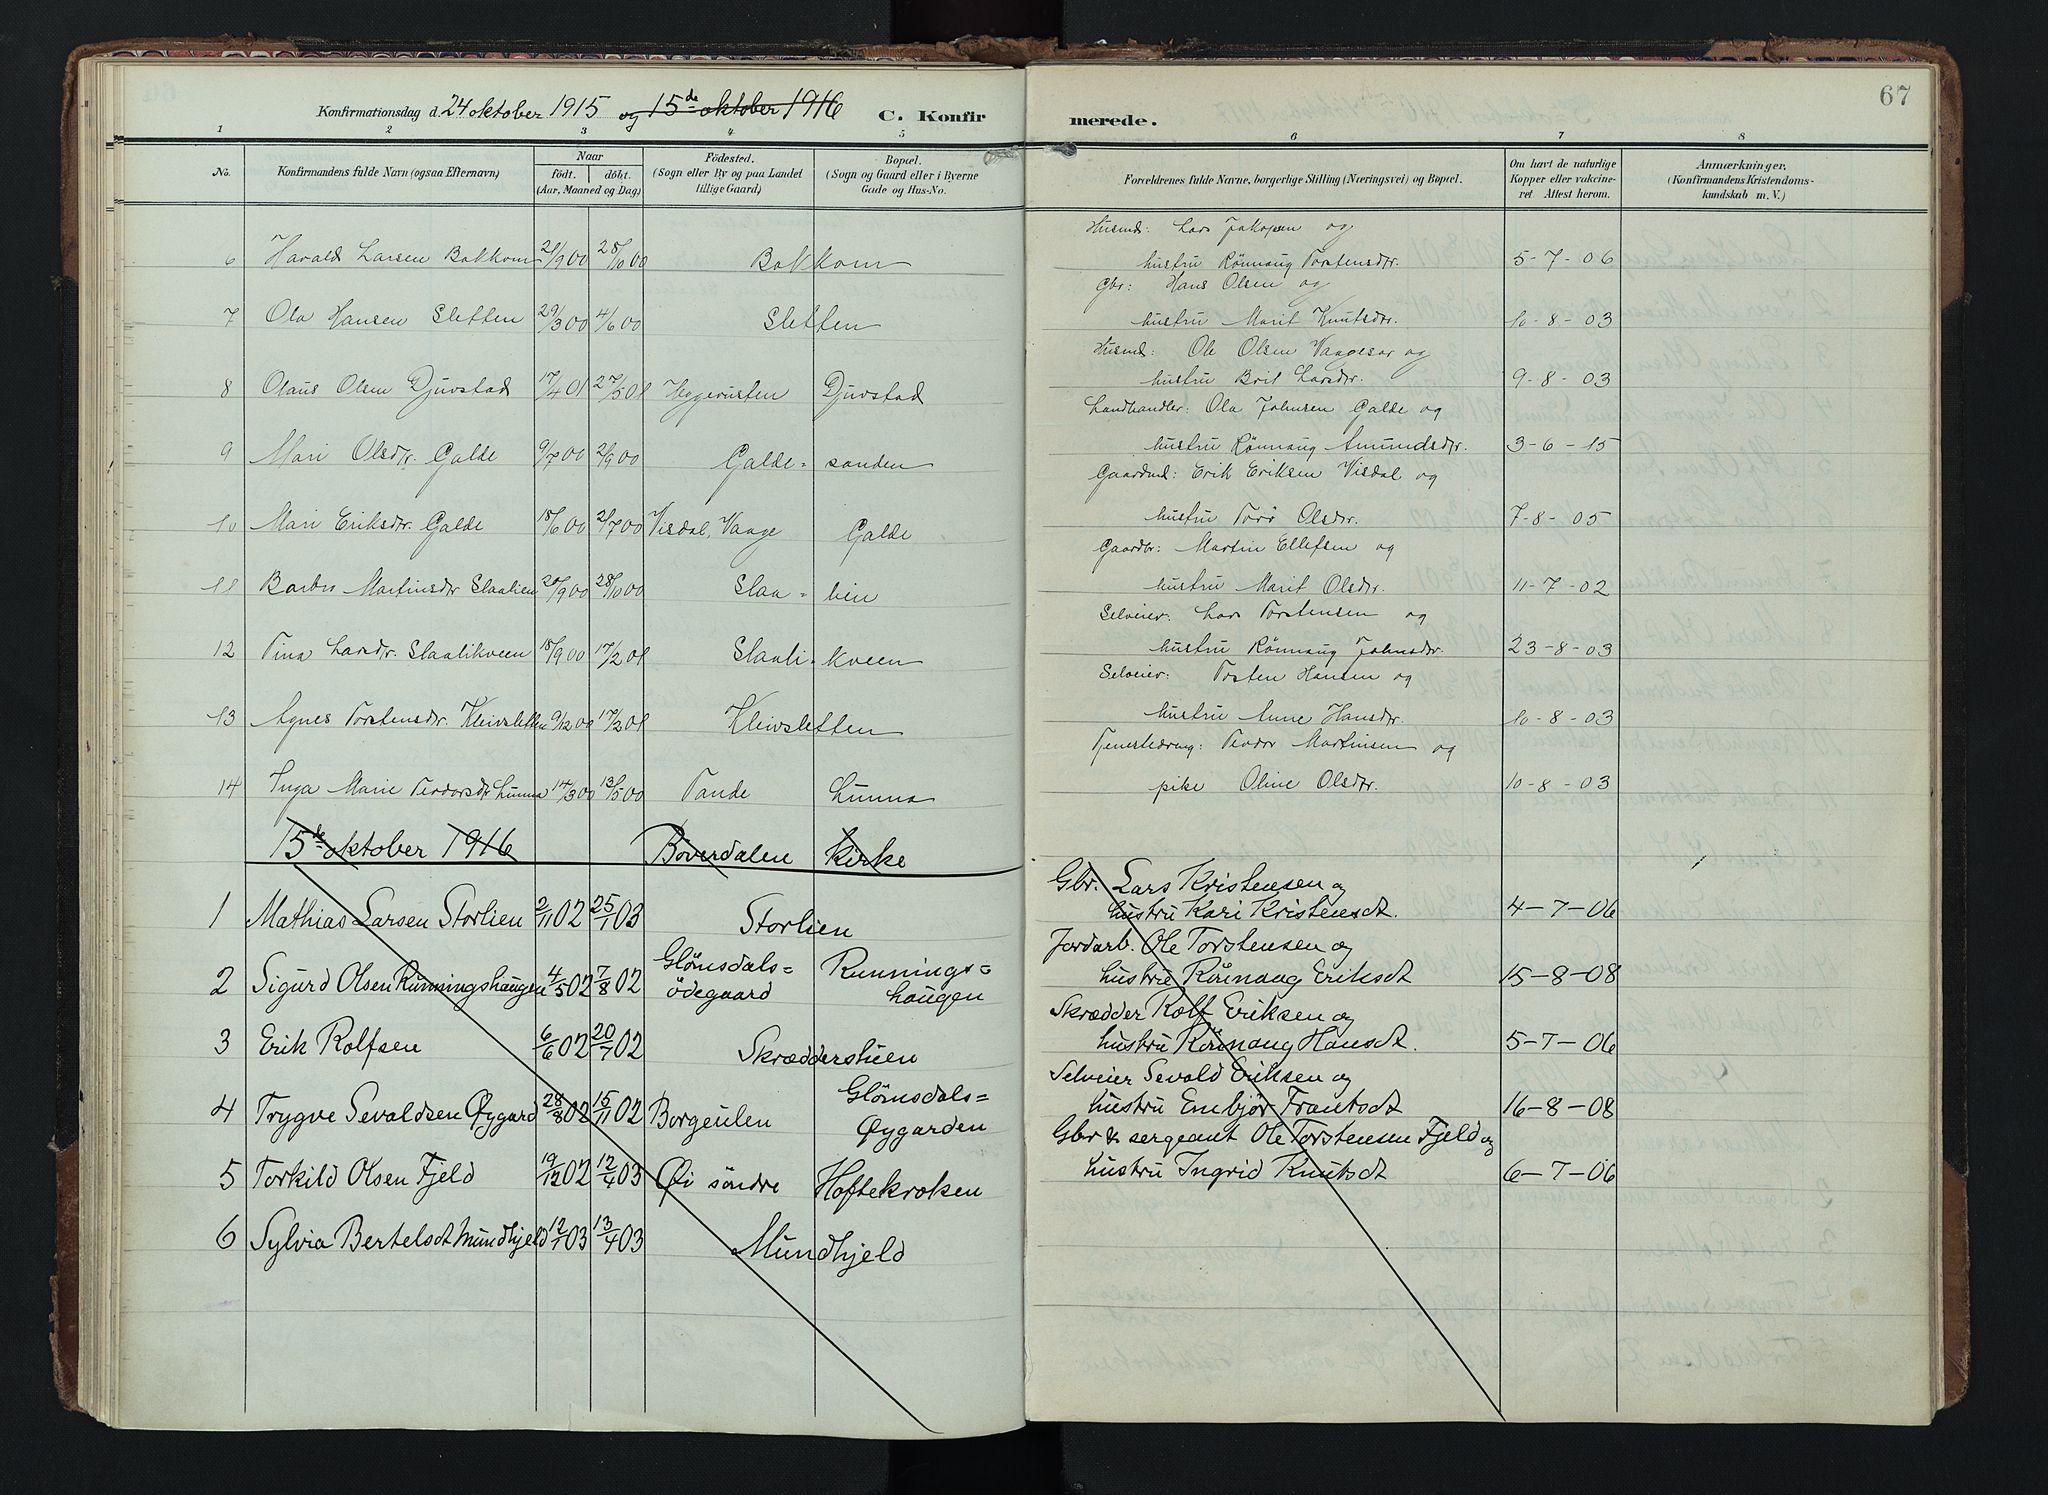 SAH, Lom prestekontor, K/L0012: Ministerialbok nr. 12, 1904-1928, s. 67